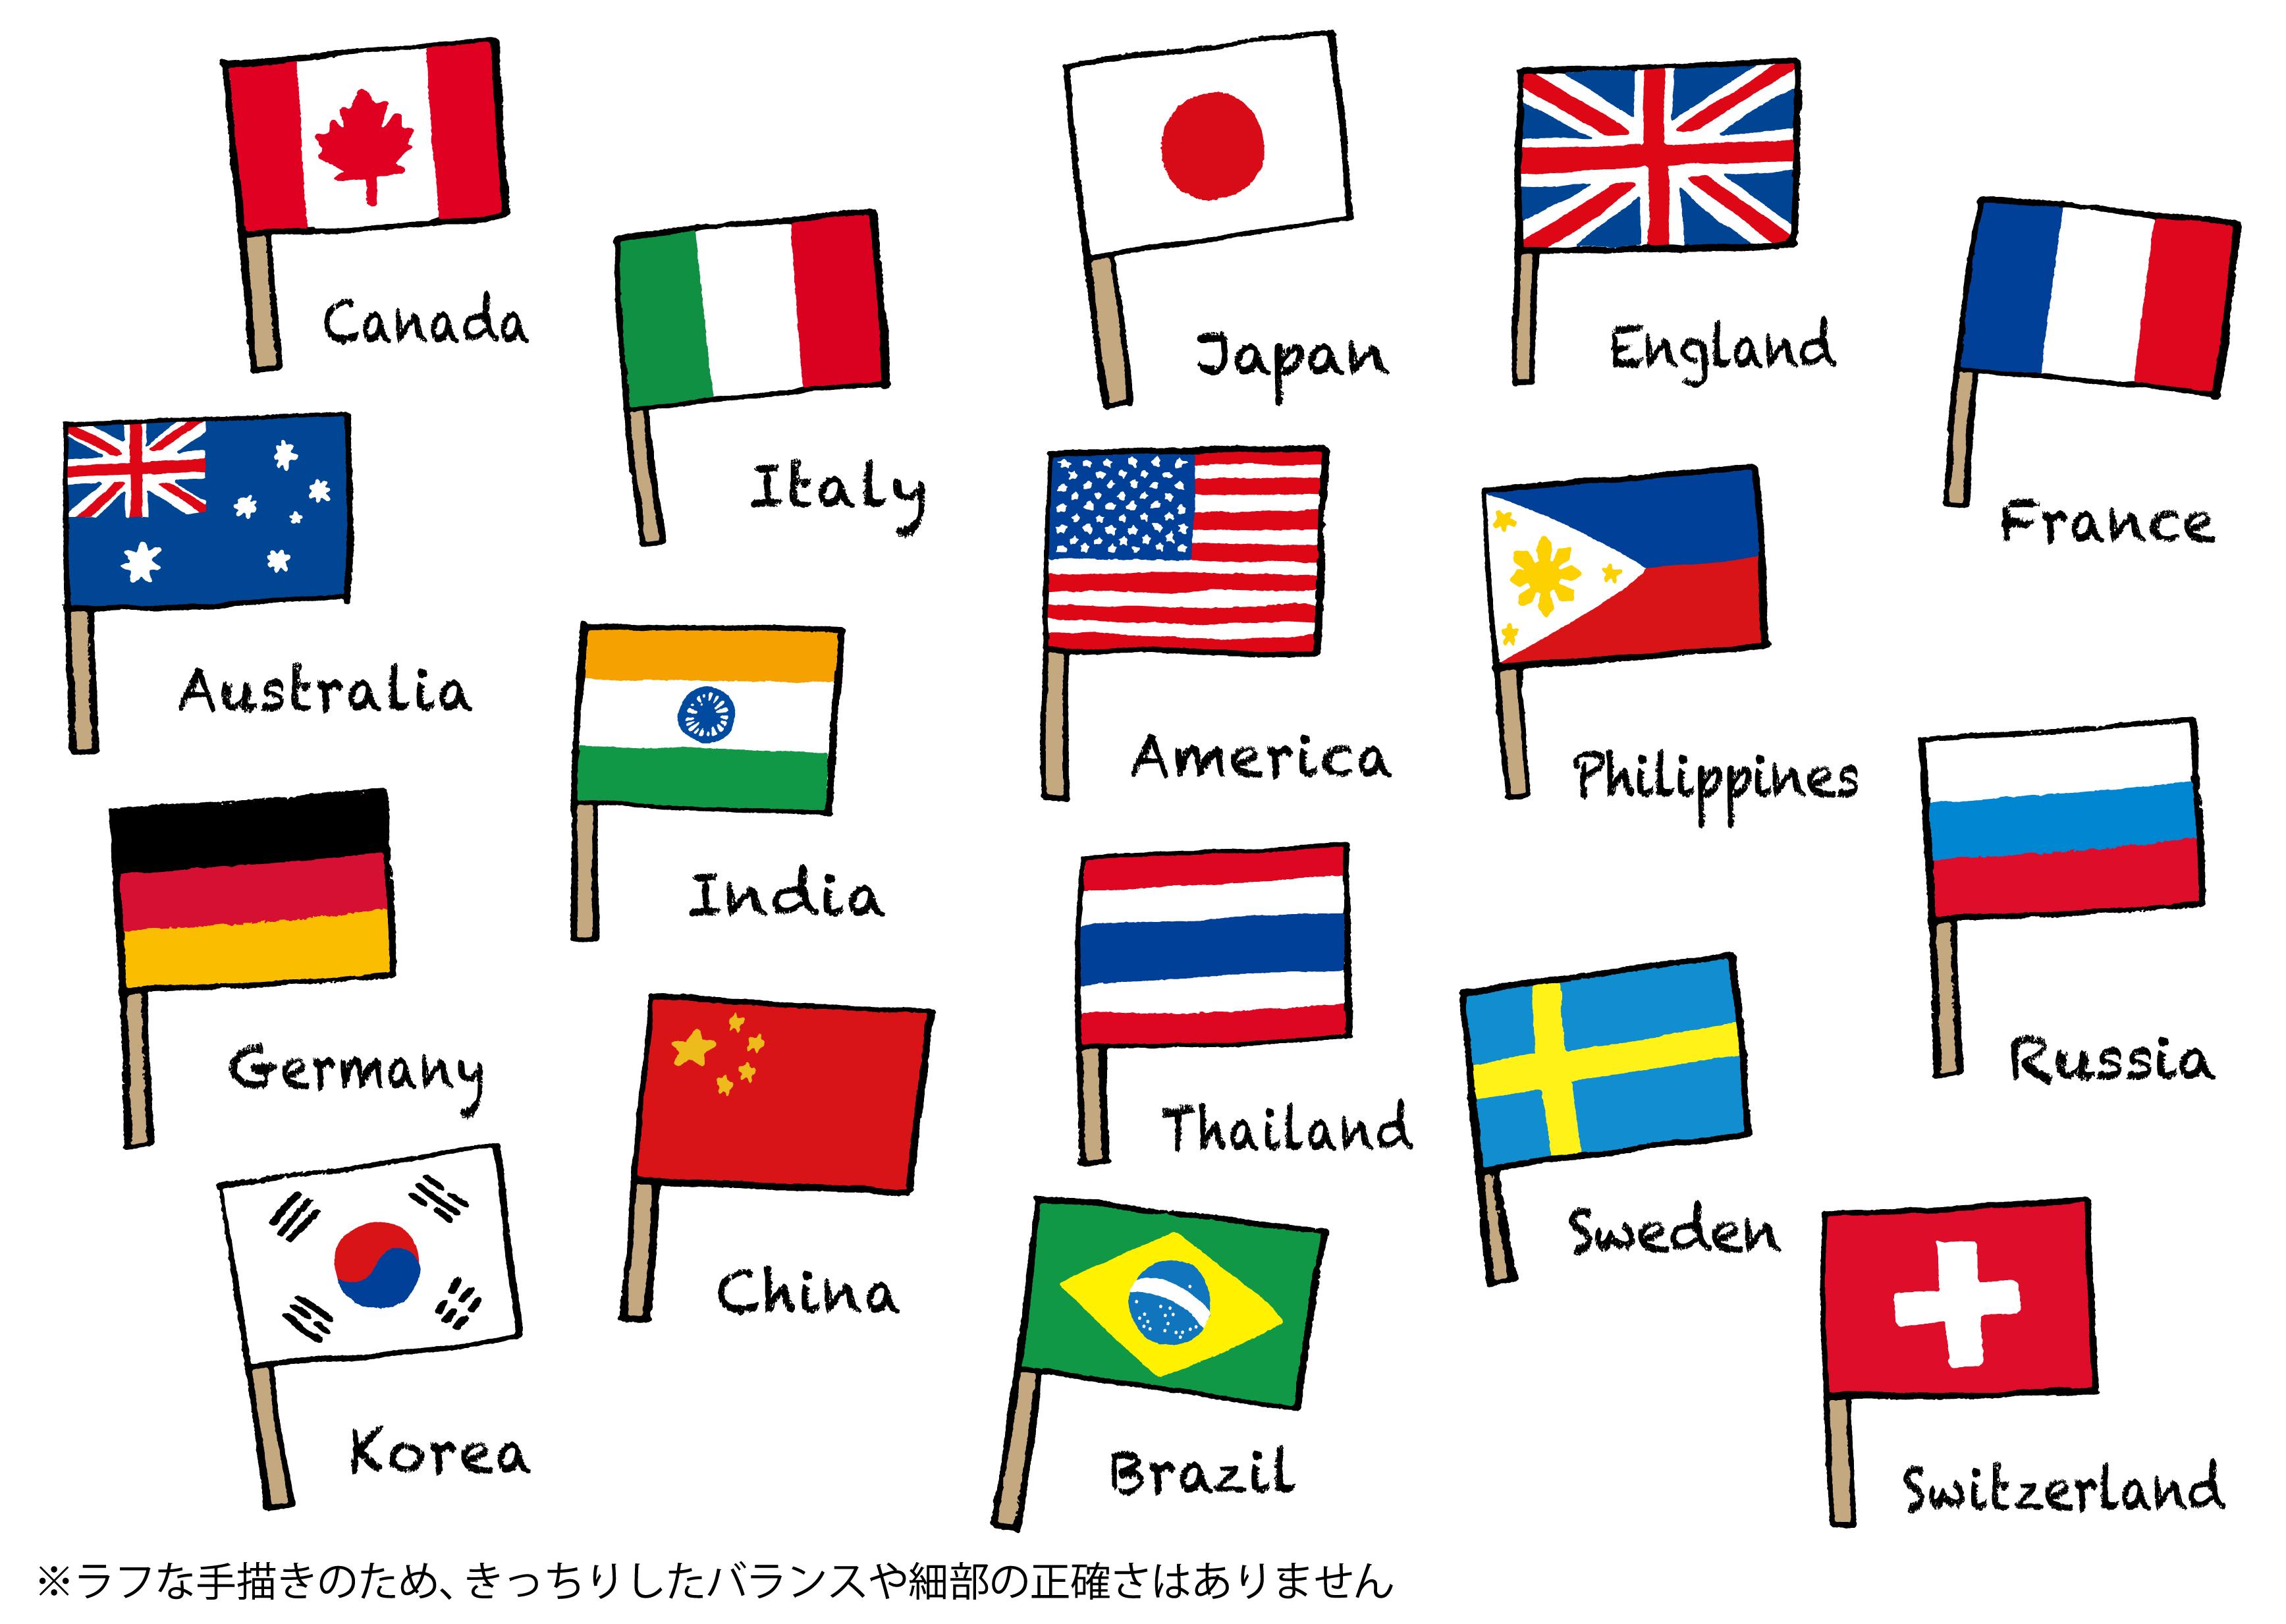 移民の国カナダで日本人の印象は良い?悪い?